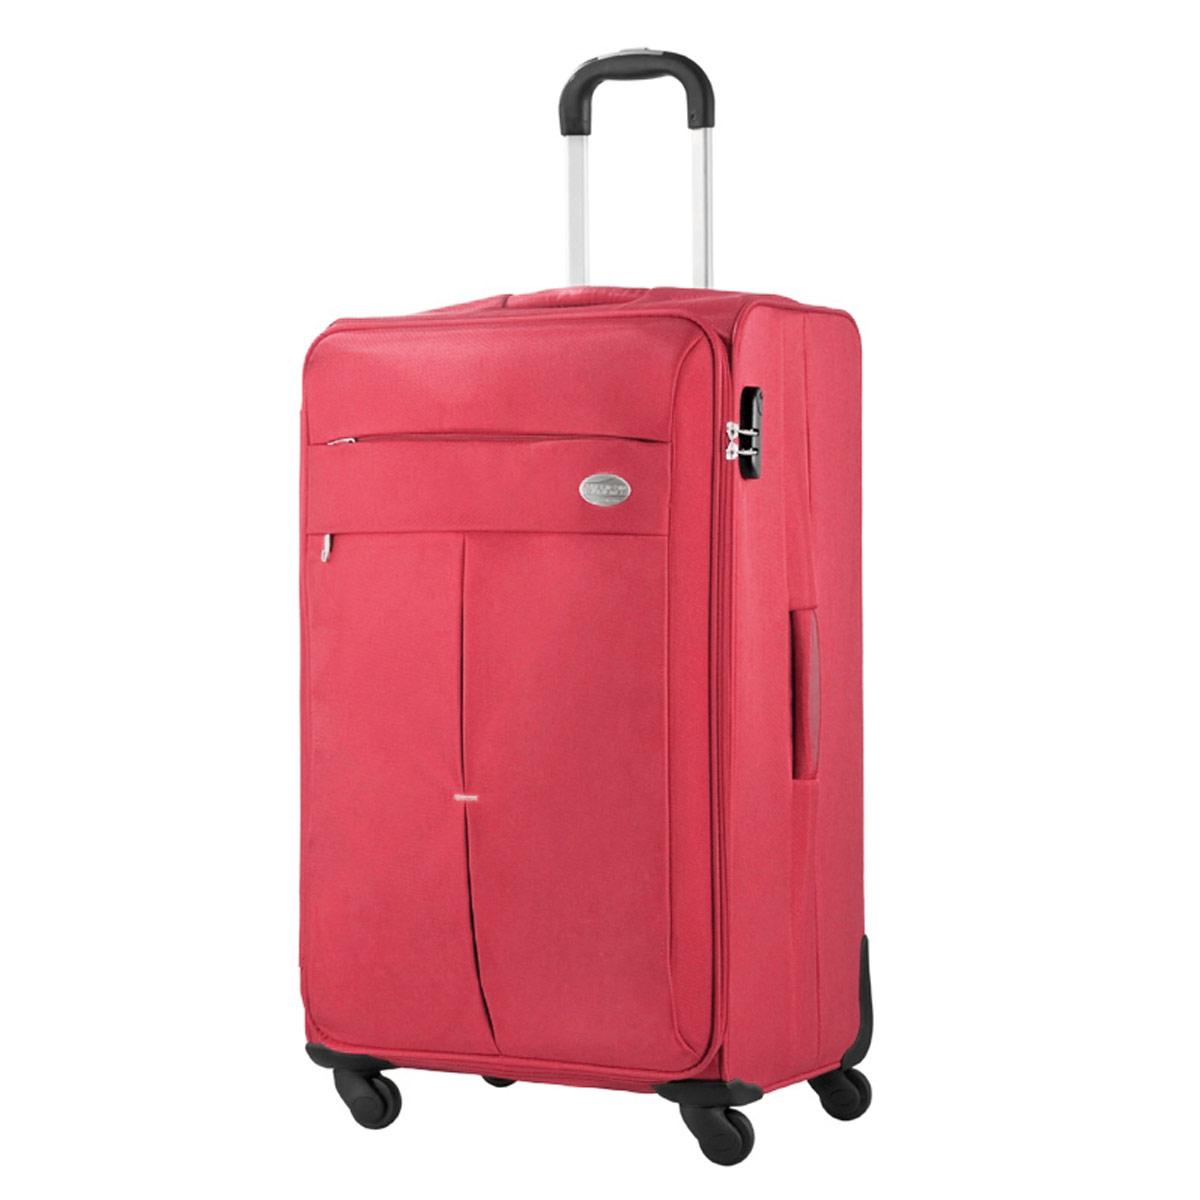 american tourister samsonite colora spinner 66cm trolley koffer pink neu ebay. Black Bedroom Furniture Sets. Home Design Ideas